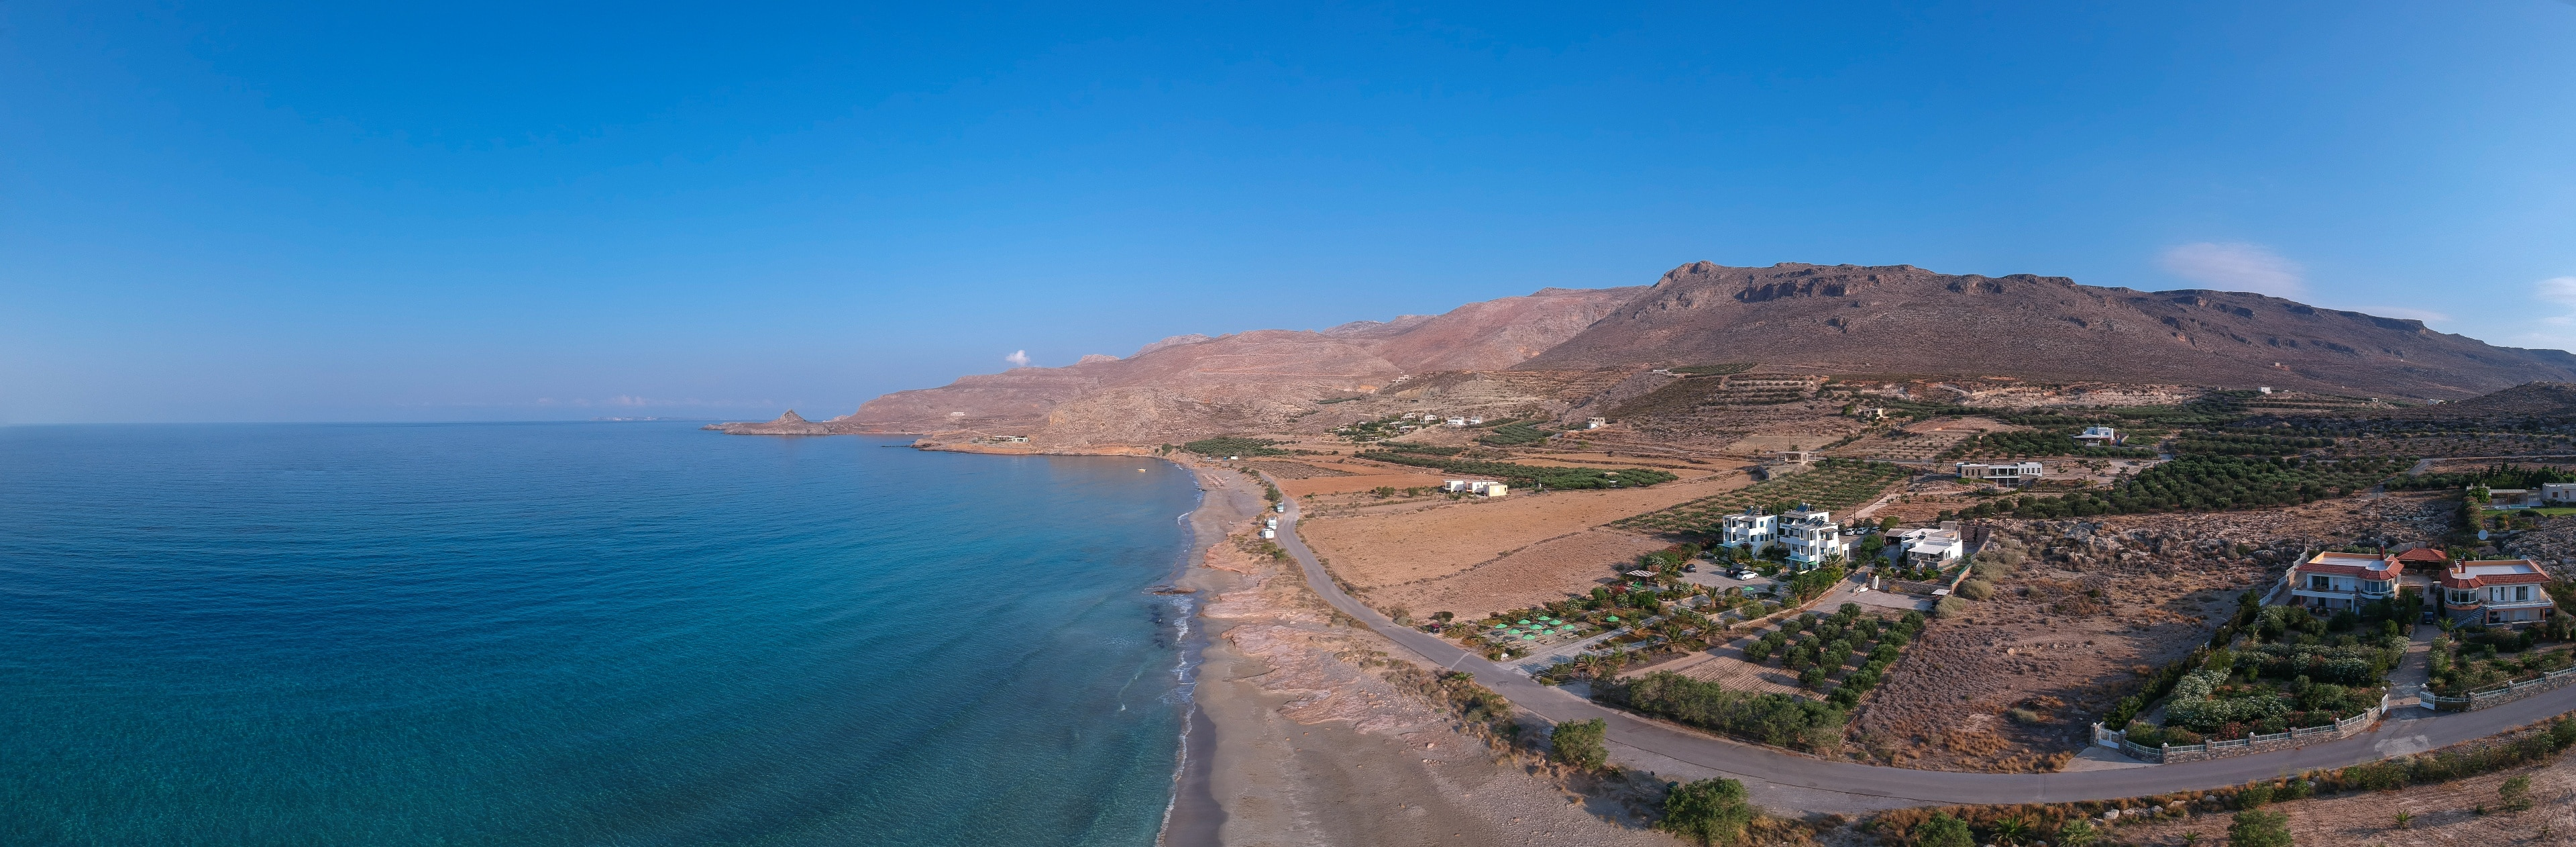 Lasithi (Region), Kreta, Griechenland